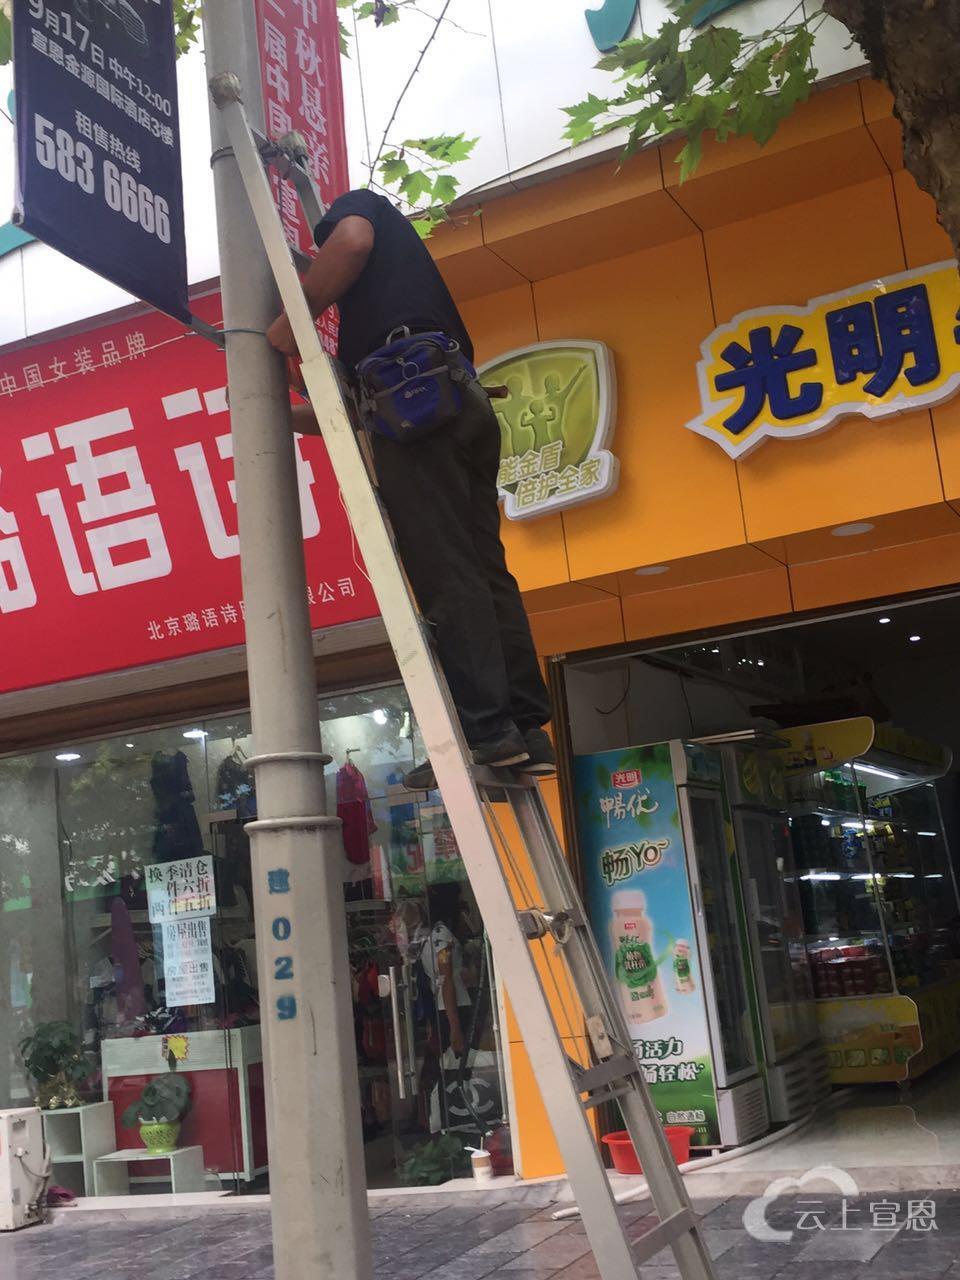 宣传道旗悬挂宣恩县城街头 为中秋恳亲活动营造气氛